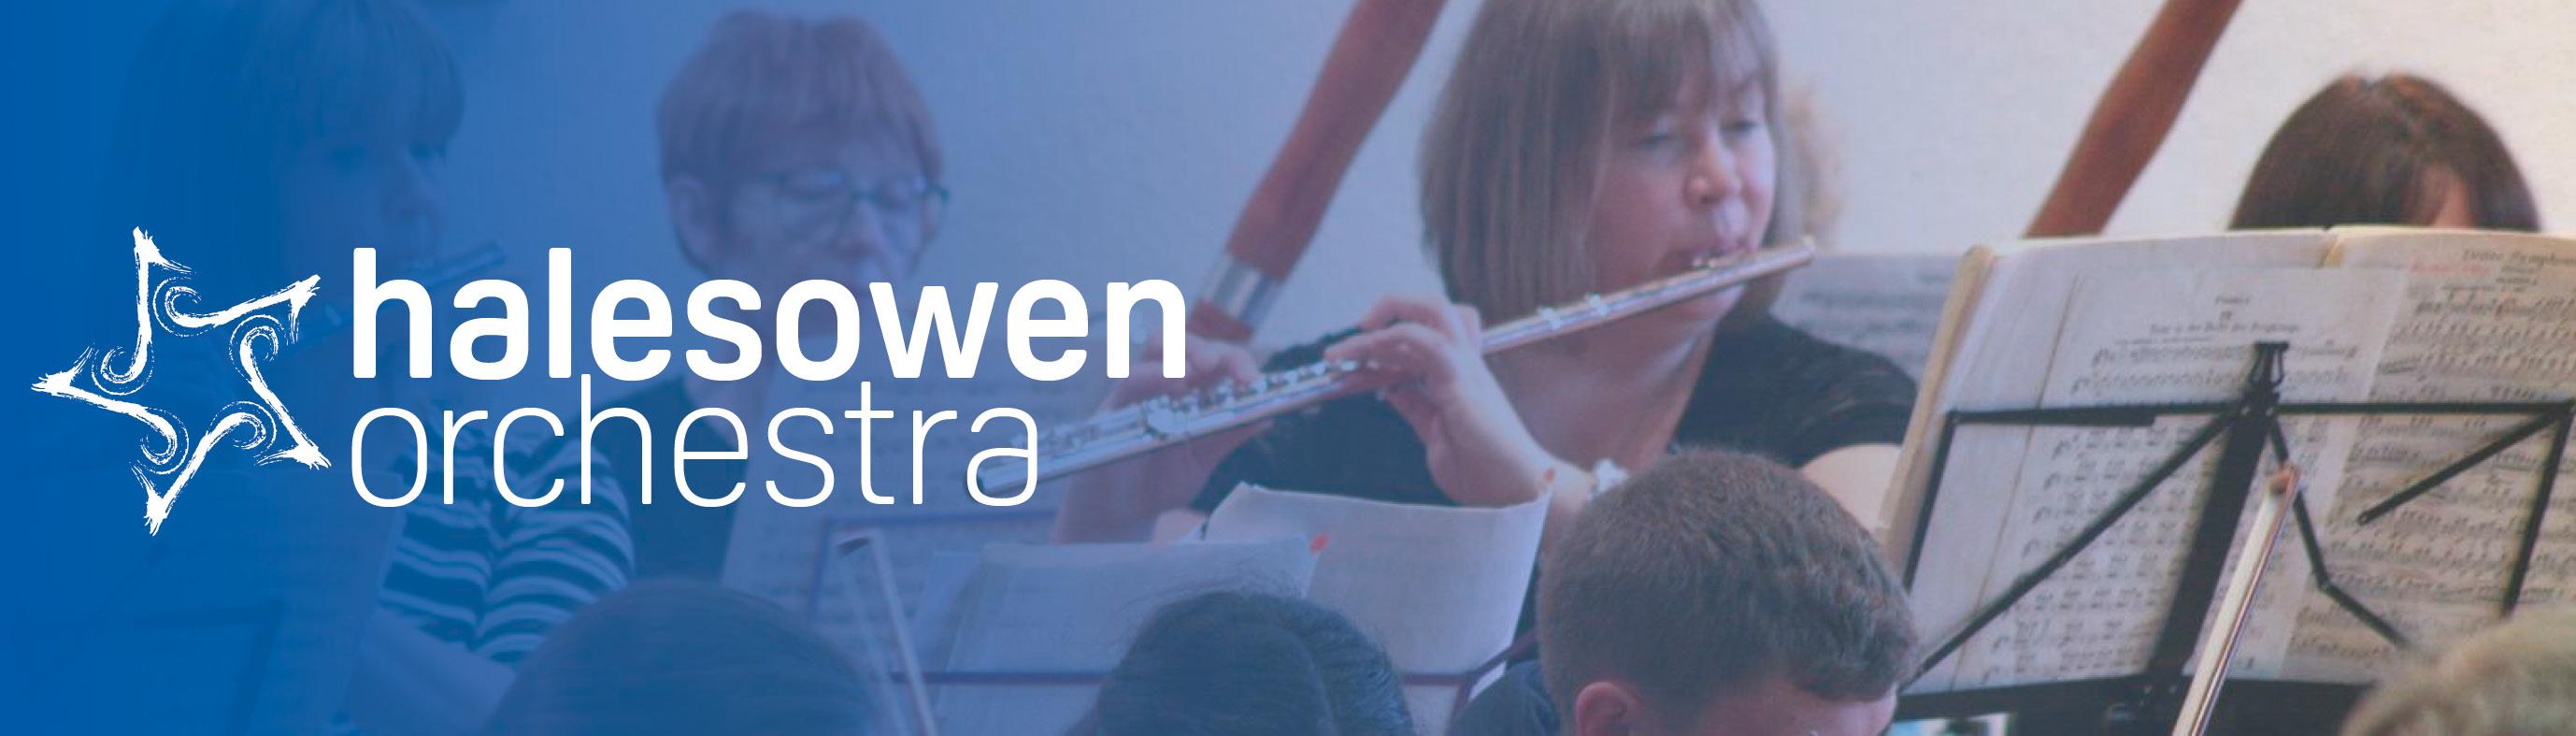 Halesowen Orchestra